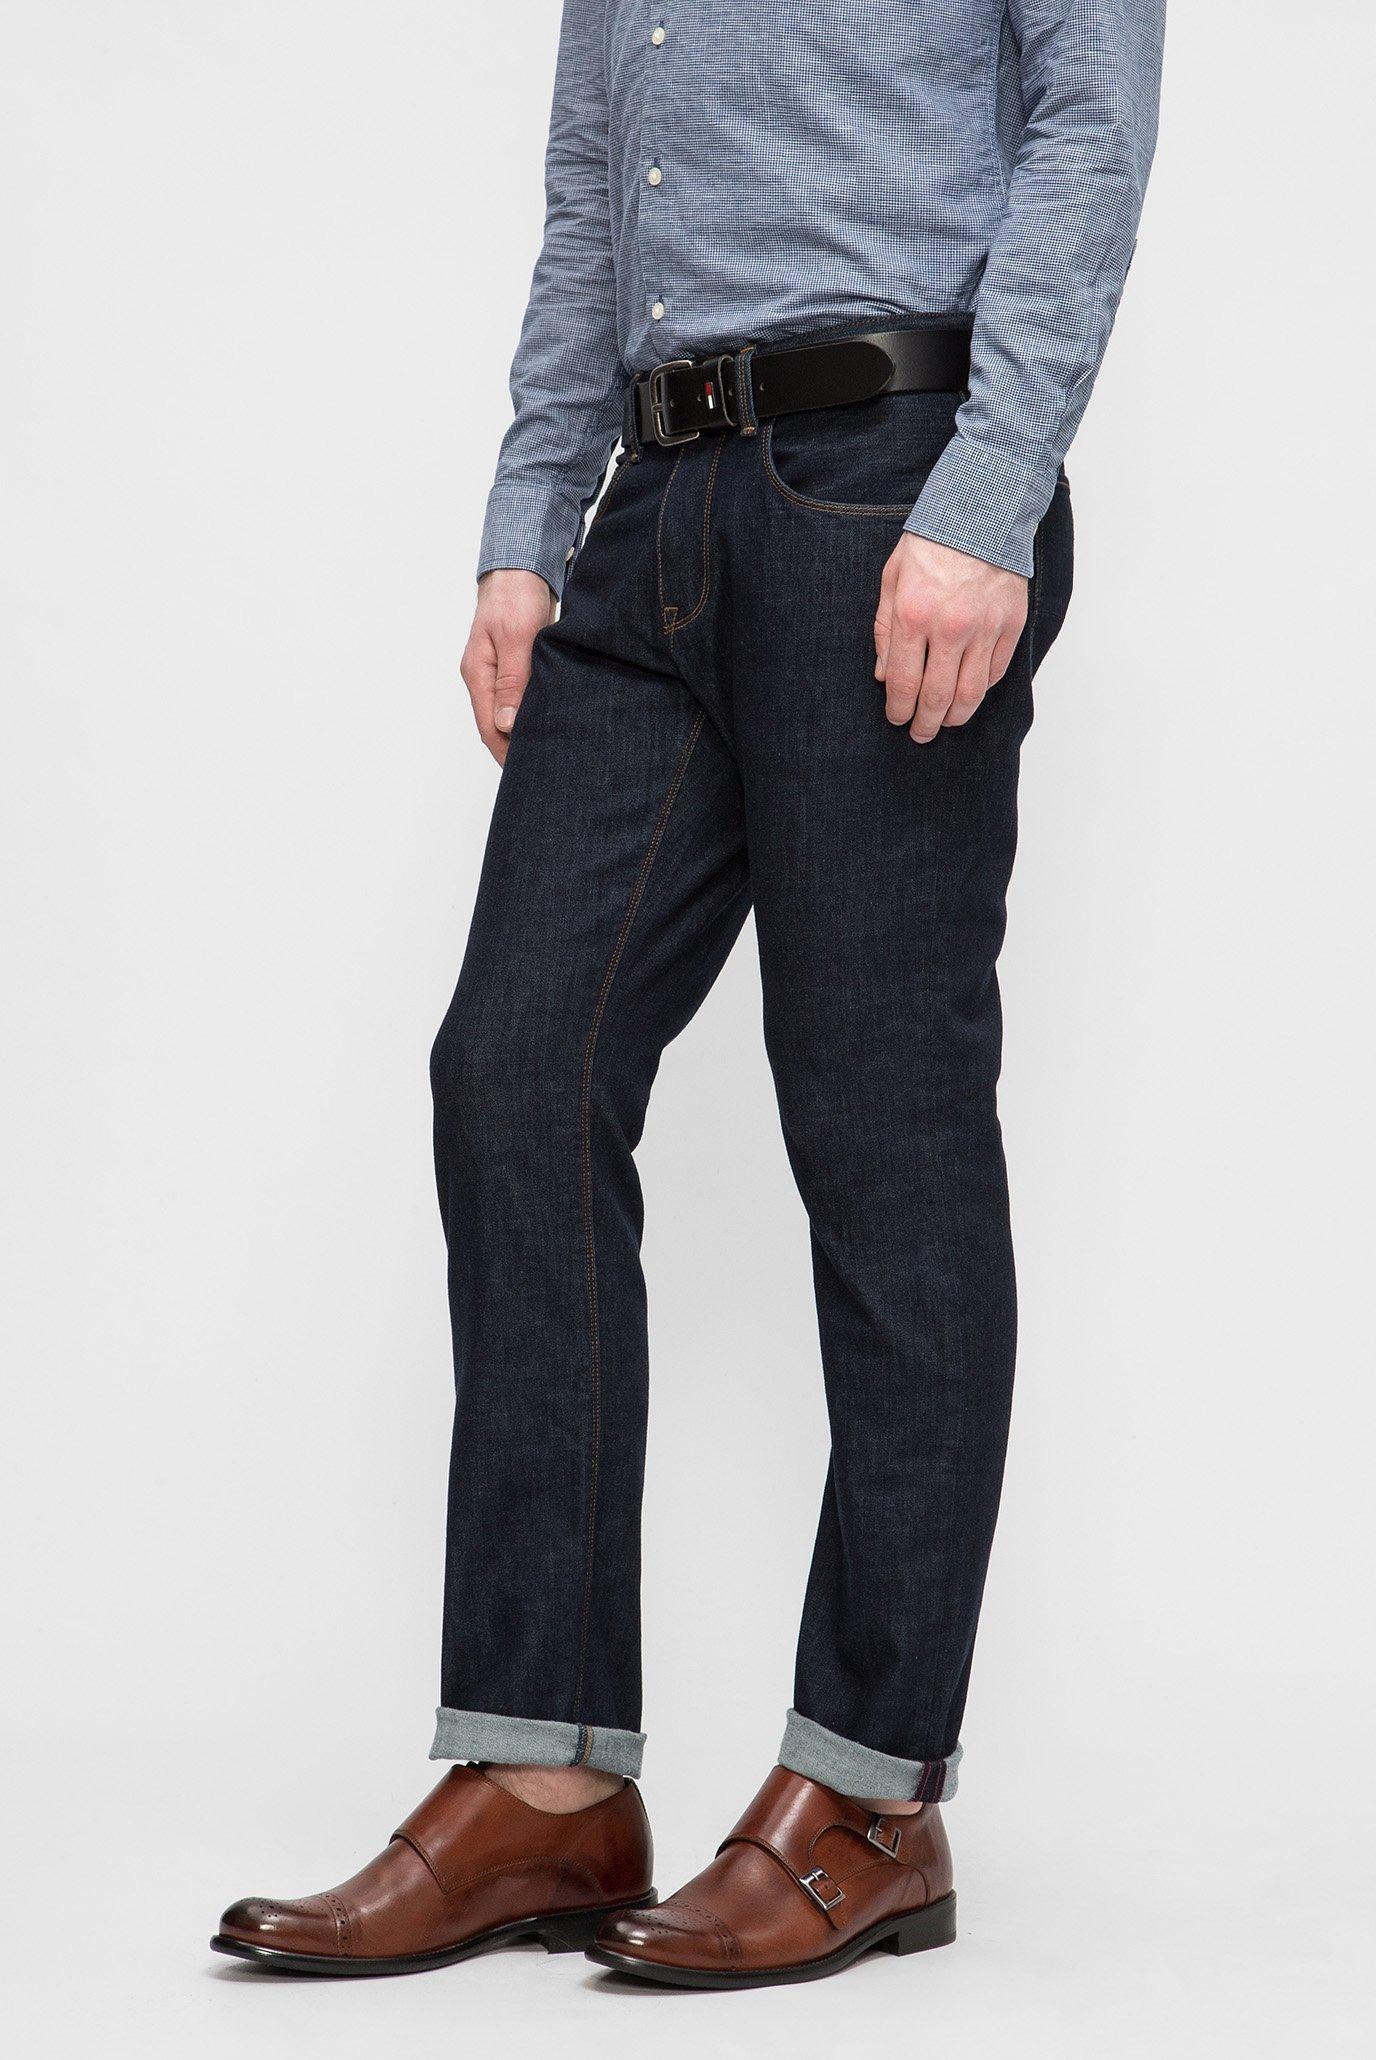 Купить Мужские темно-синие джинсы MERCER Tommy Hilfiger Tommy Hilfiger MW0MW07238 – Киев, Украина. Цены в интернет магазине MD Fashion